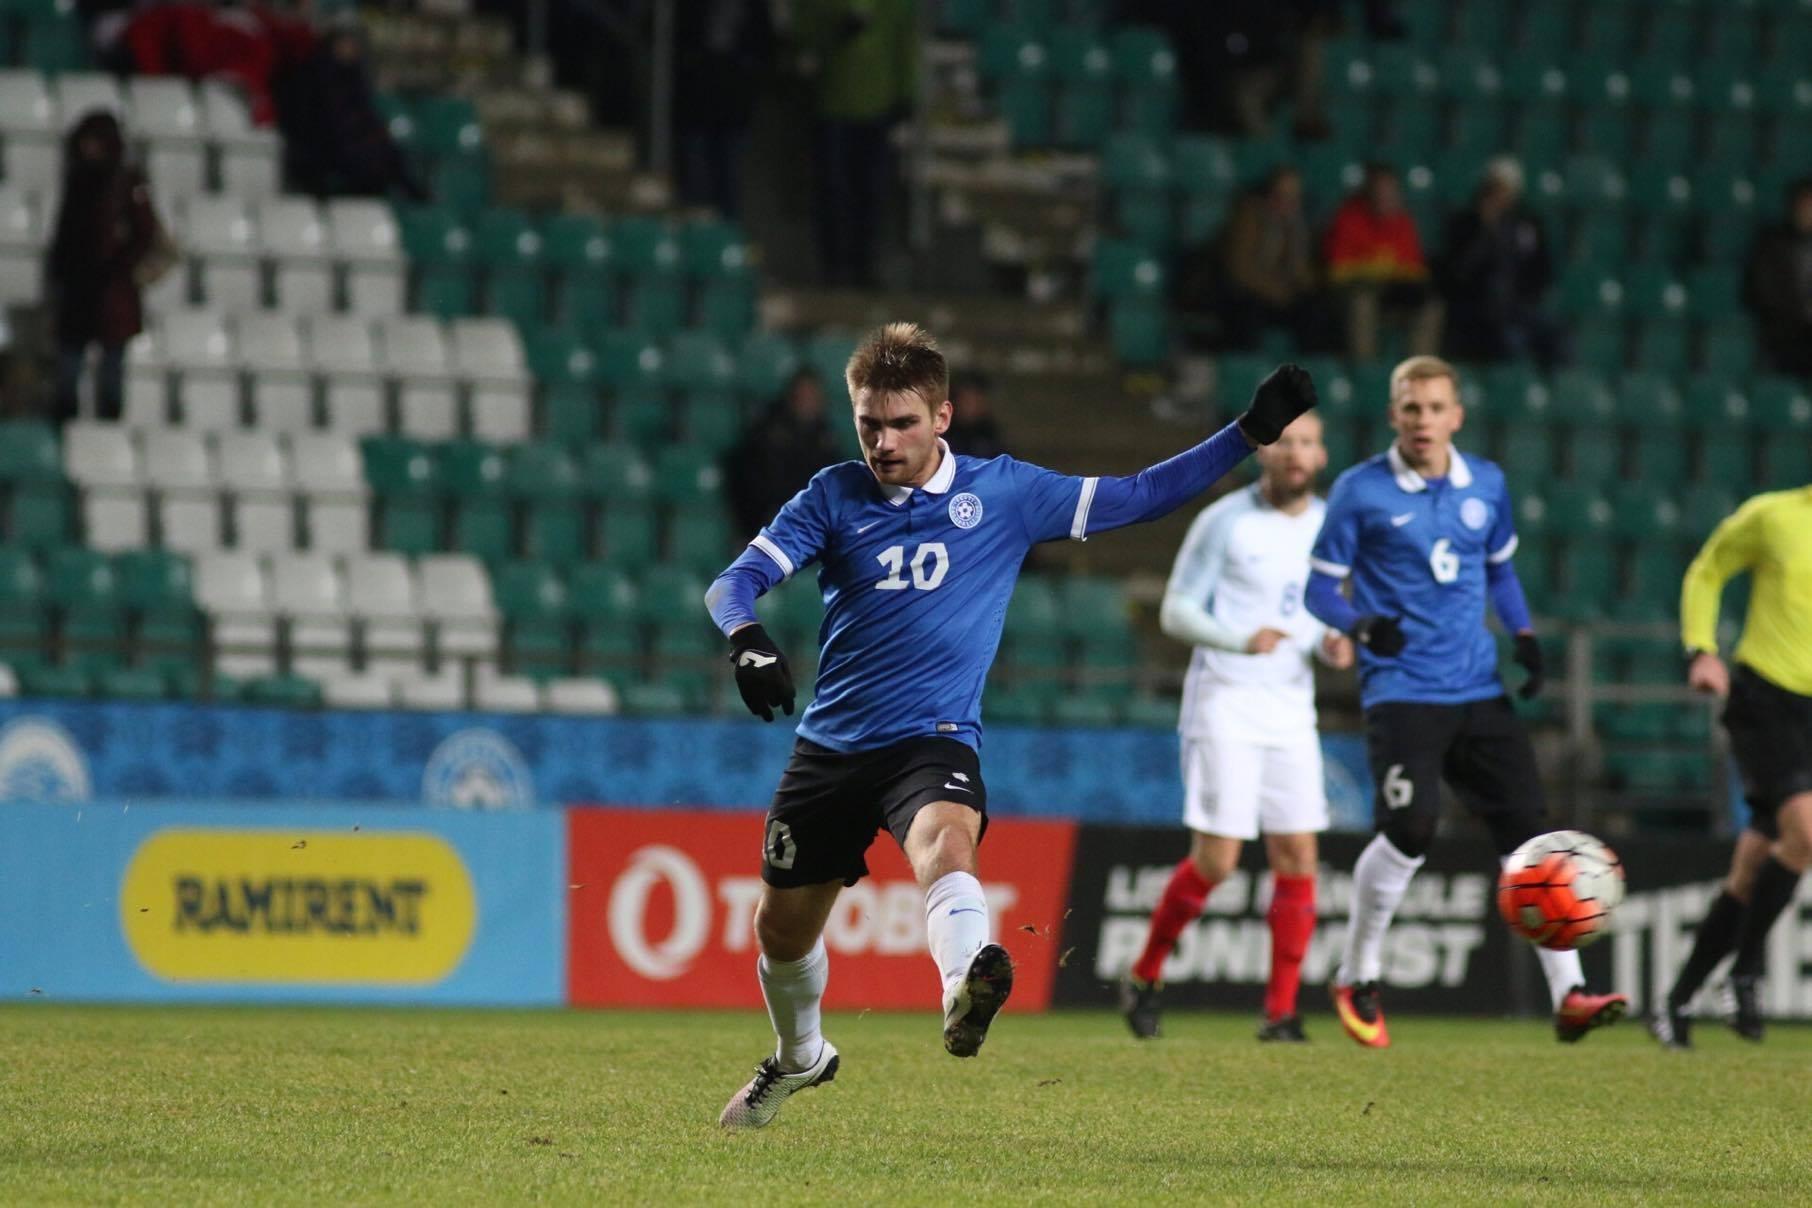 50fca5e8ad4 Eesti U23 koondis pidas International Challenge Trophy raames täna A. Le  Coq Arenal haarava mängu Inglismaa C-koondisega. Matši võitsid külalised  tulemusega ...